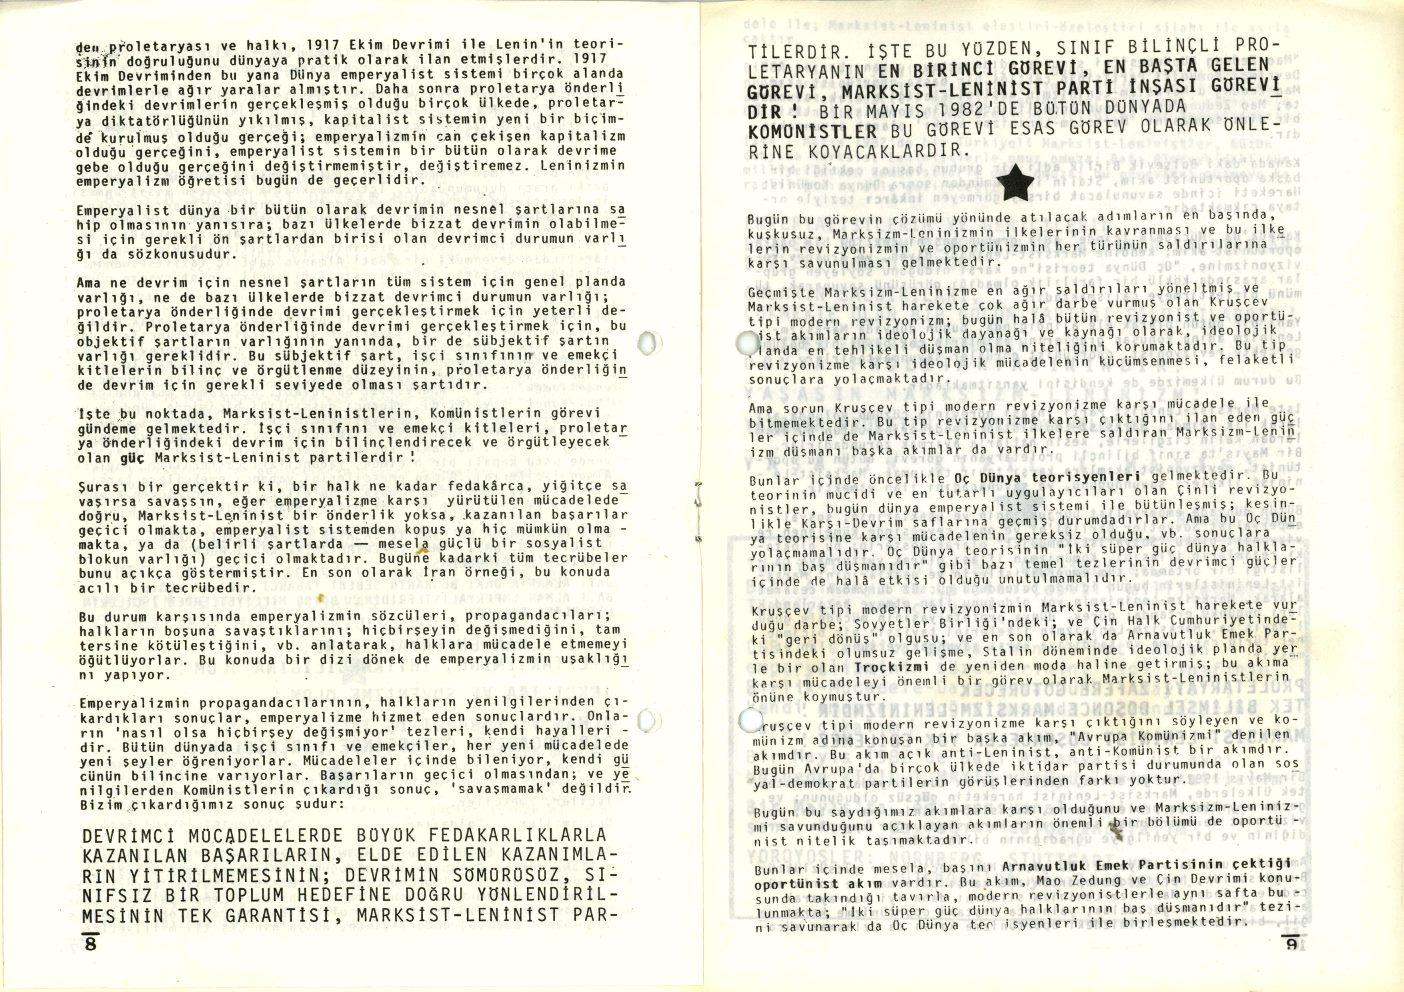 Tuerkei_Bolsevik_Partizan_Flugschriften_1982_02_05